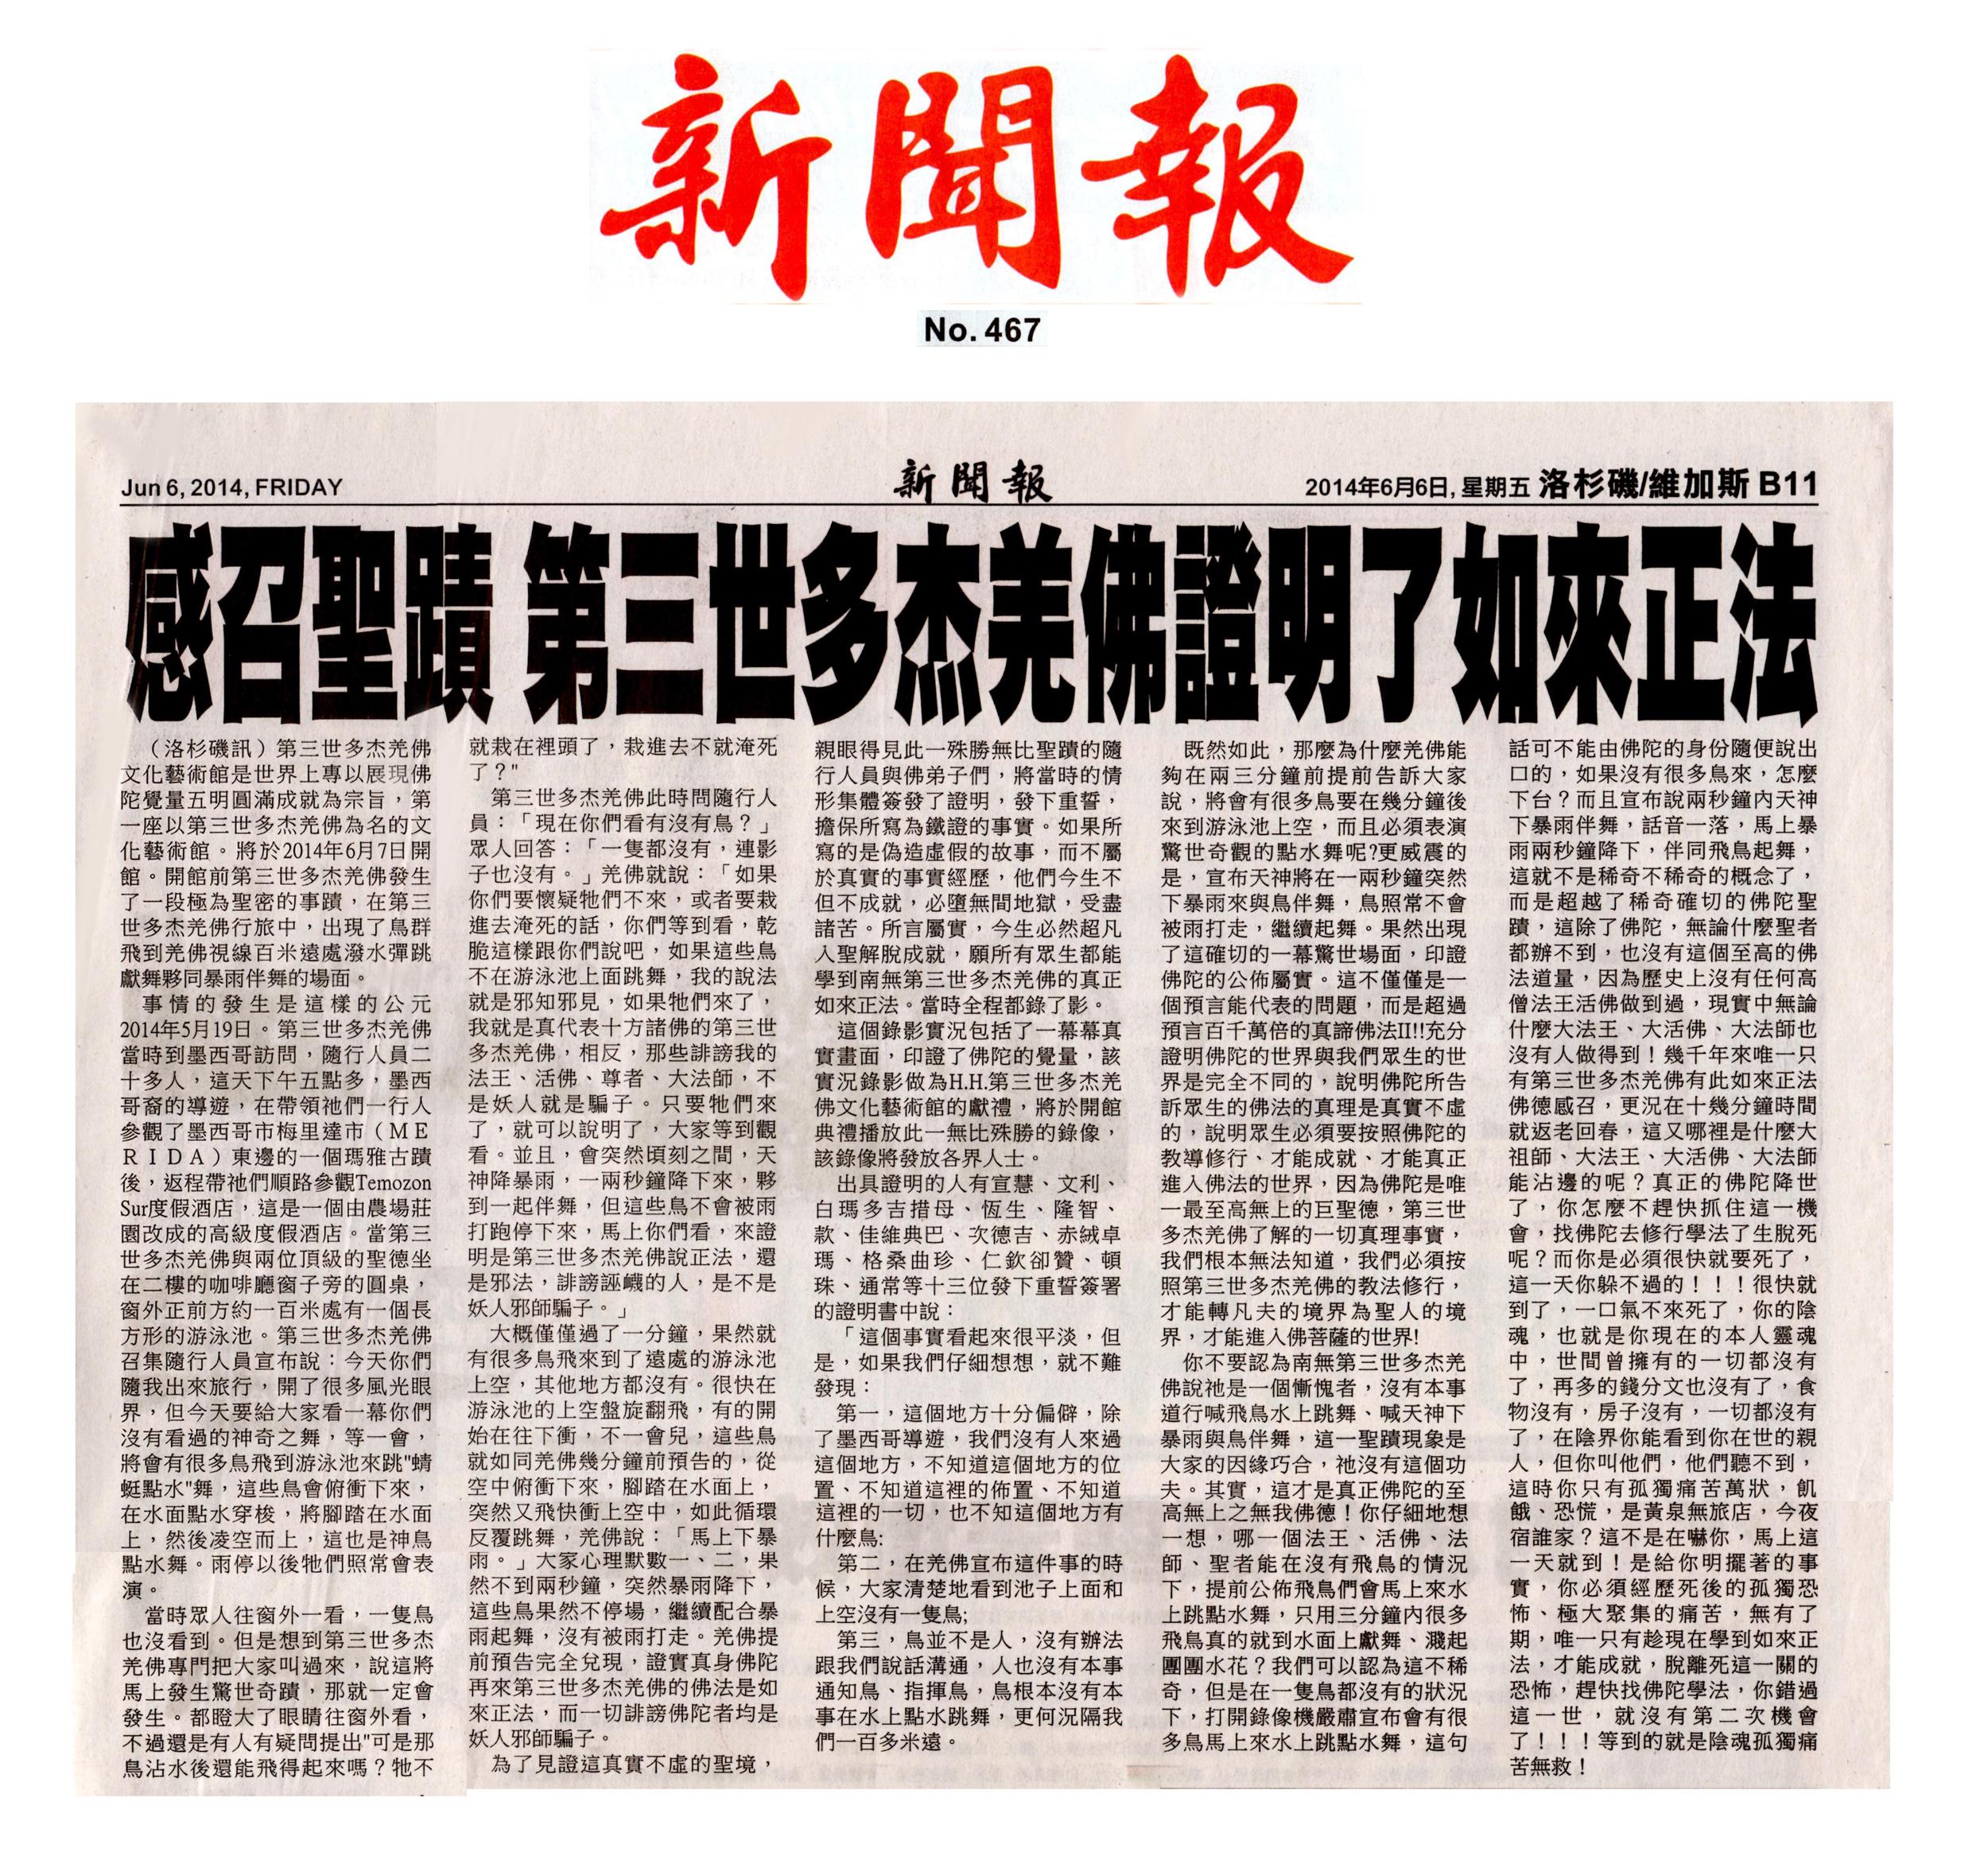 感召圣迹 第三世多杰羌佛证明了如来正法 (新闻报)